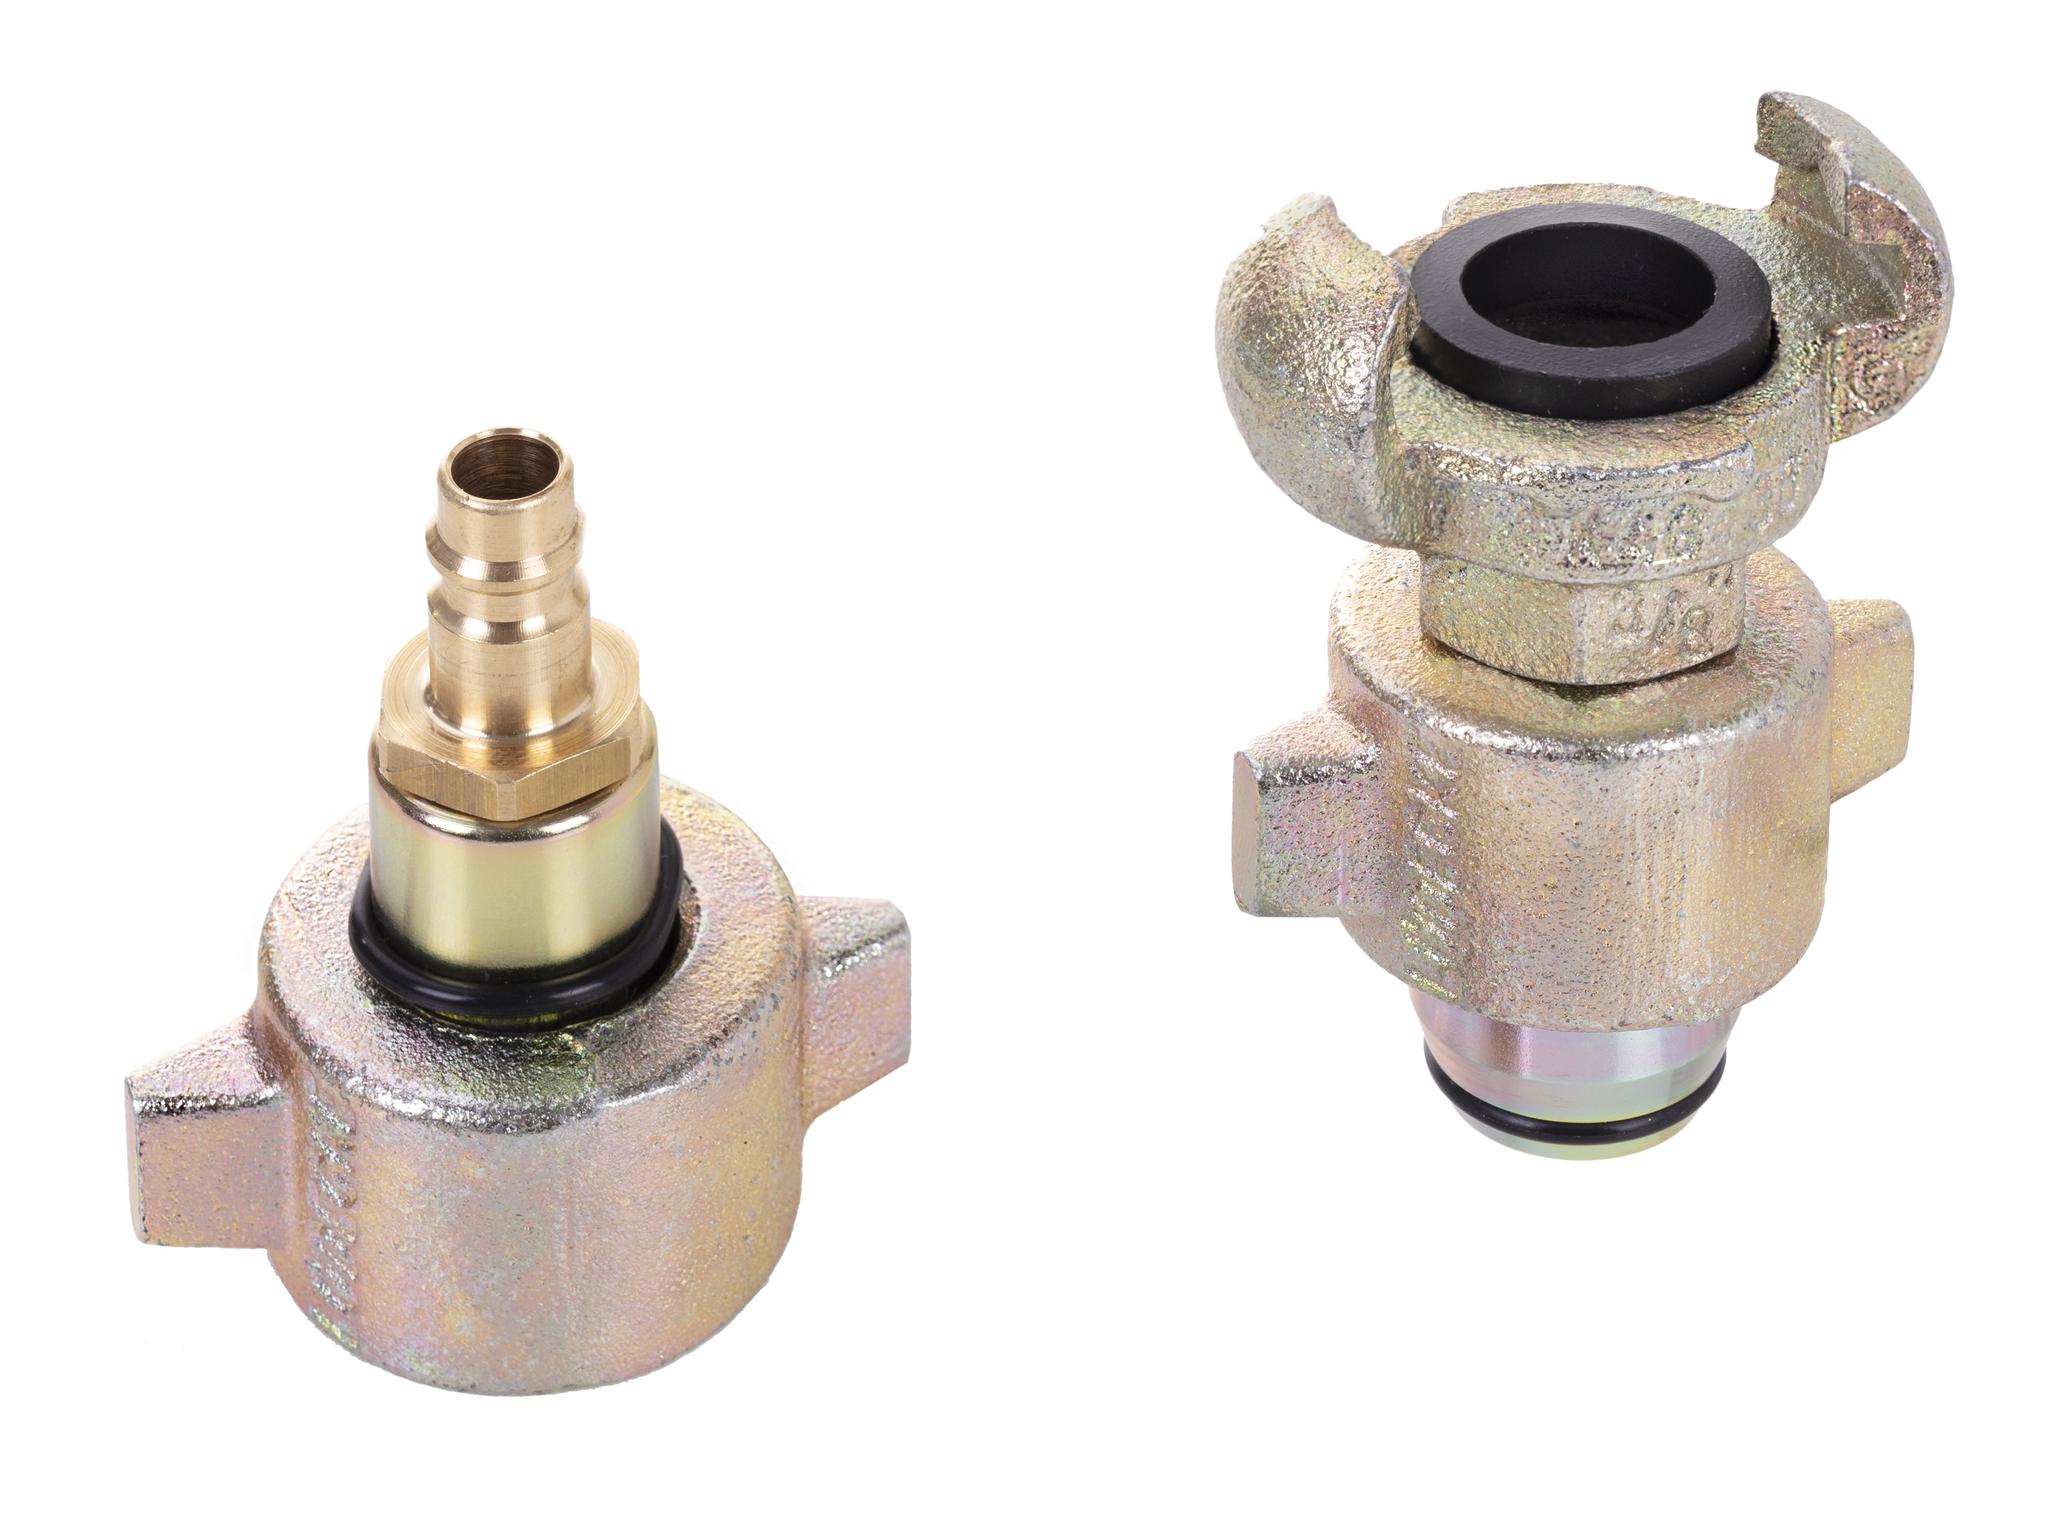 Adapter zum Inertisieren von Stickstoff oder Druckluft